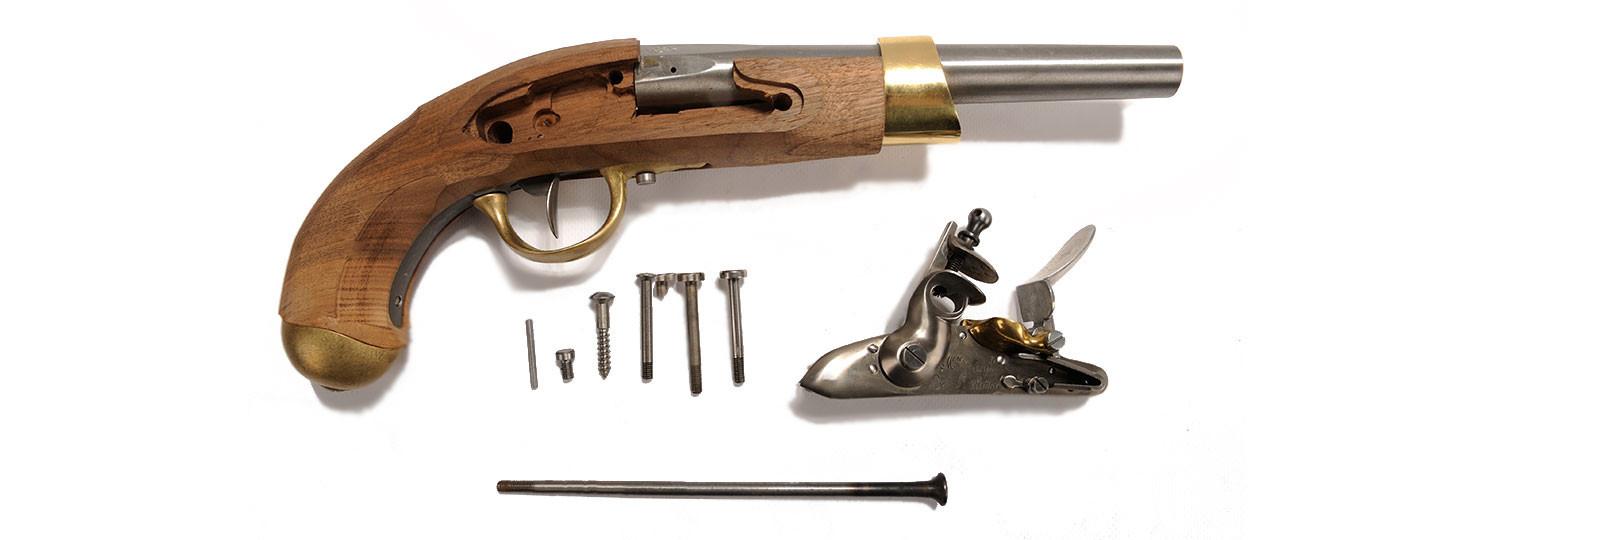 Kit an xiii pistol 17,5 mm